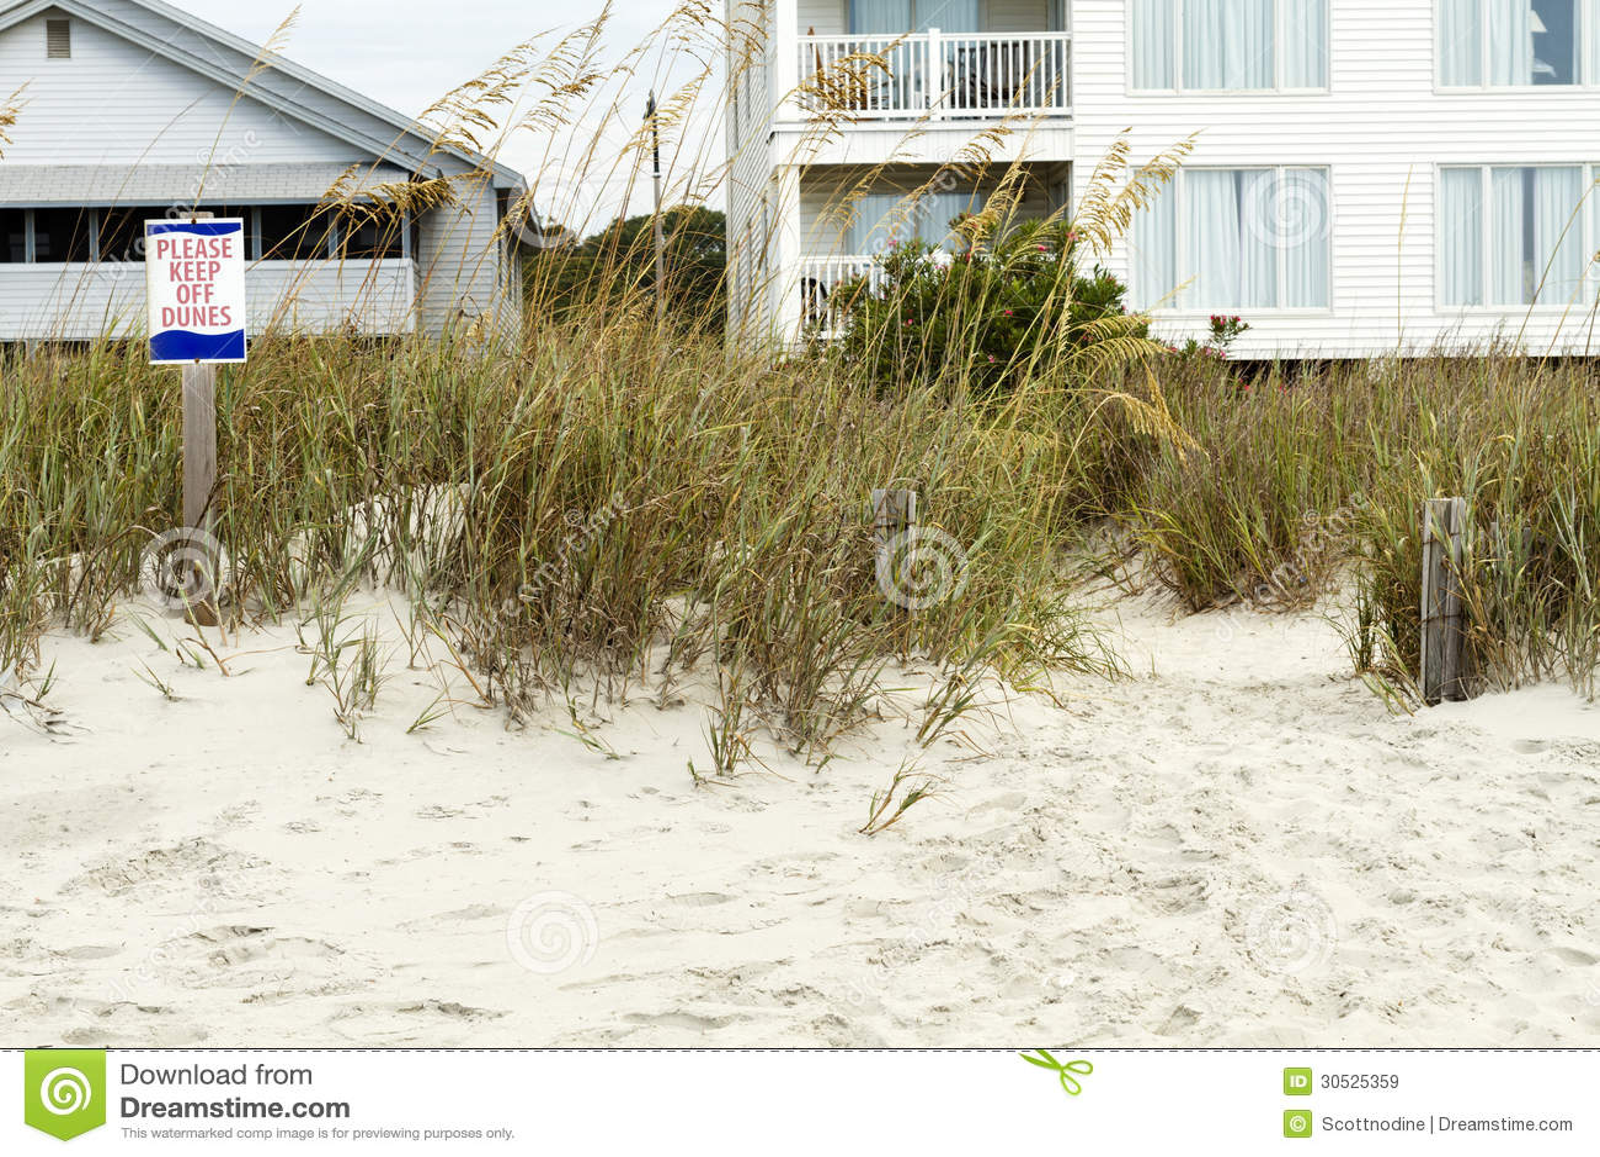 Halten sie bitte weg von den dünen zeichen und strand häusern lizenzfreie stockbilder